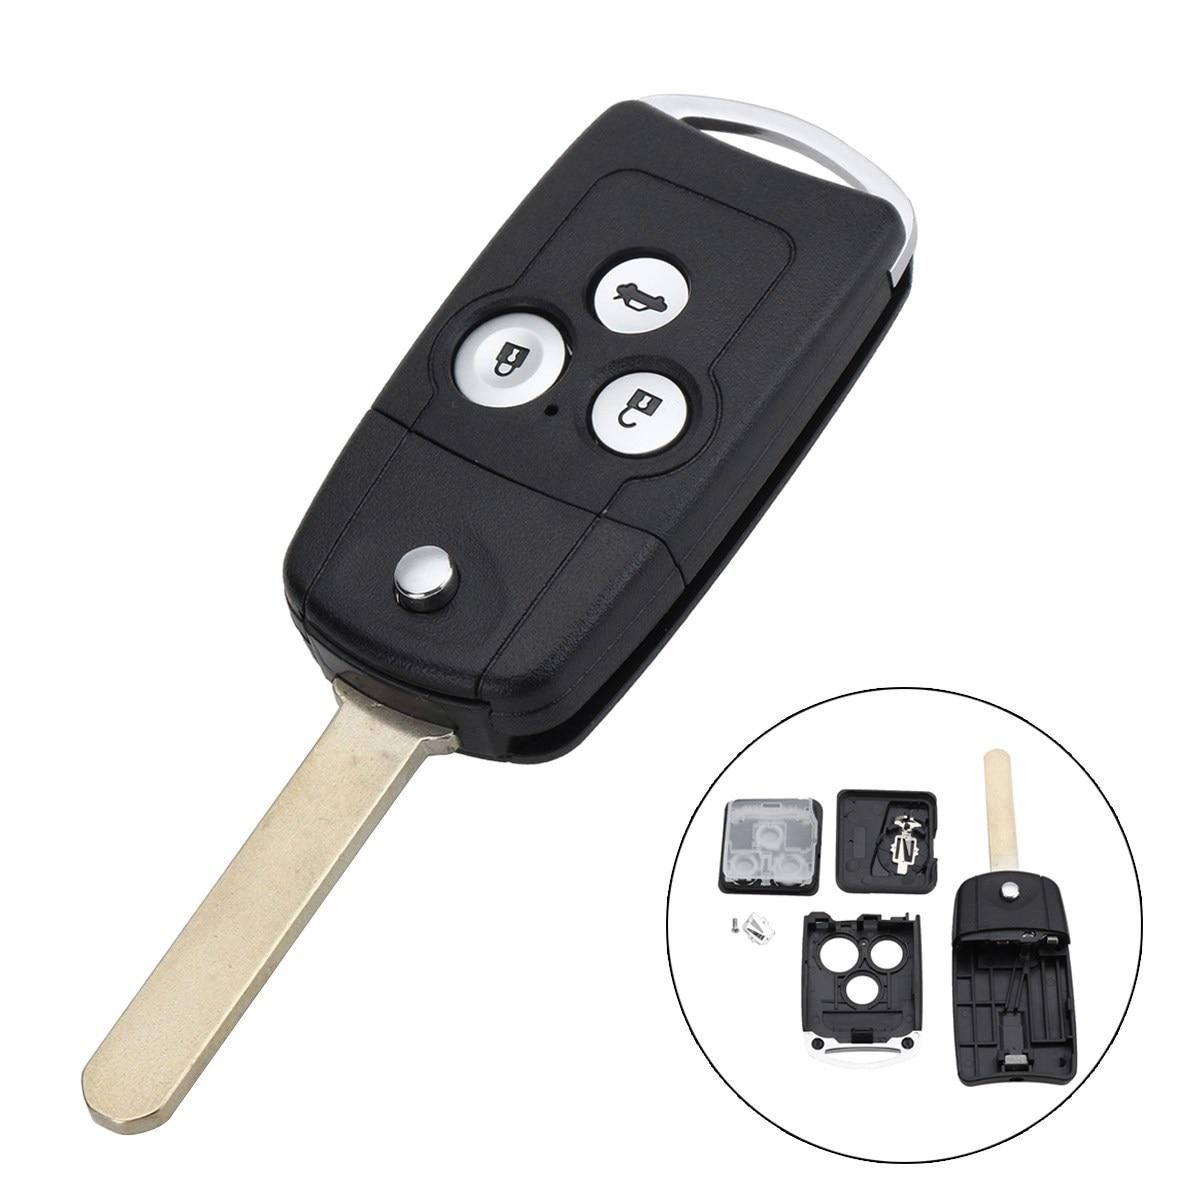 3 boutons de voiture à distance Flip boîtier porte-clé mise à niveau de la coque pour Honda pour Civic pour Accord Jazz CRV